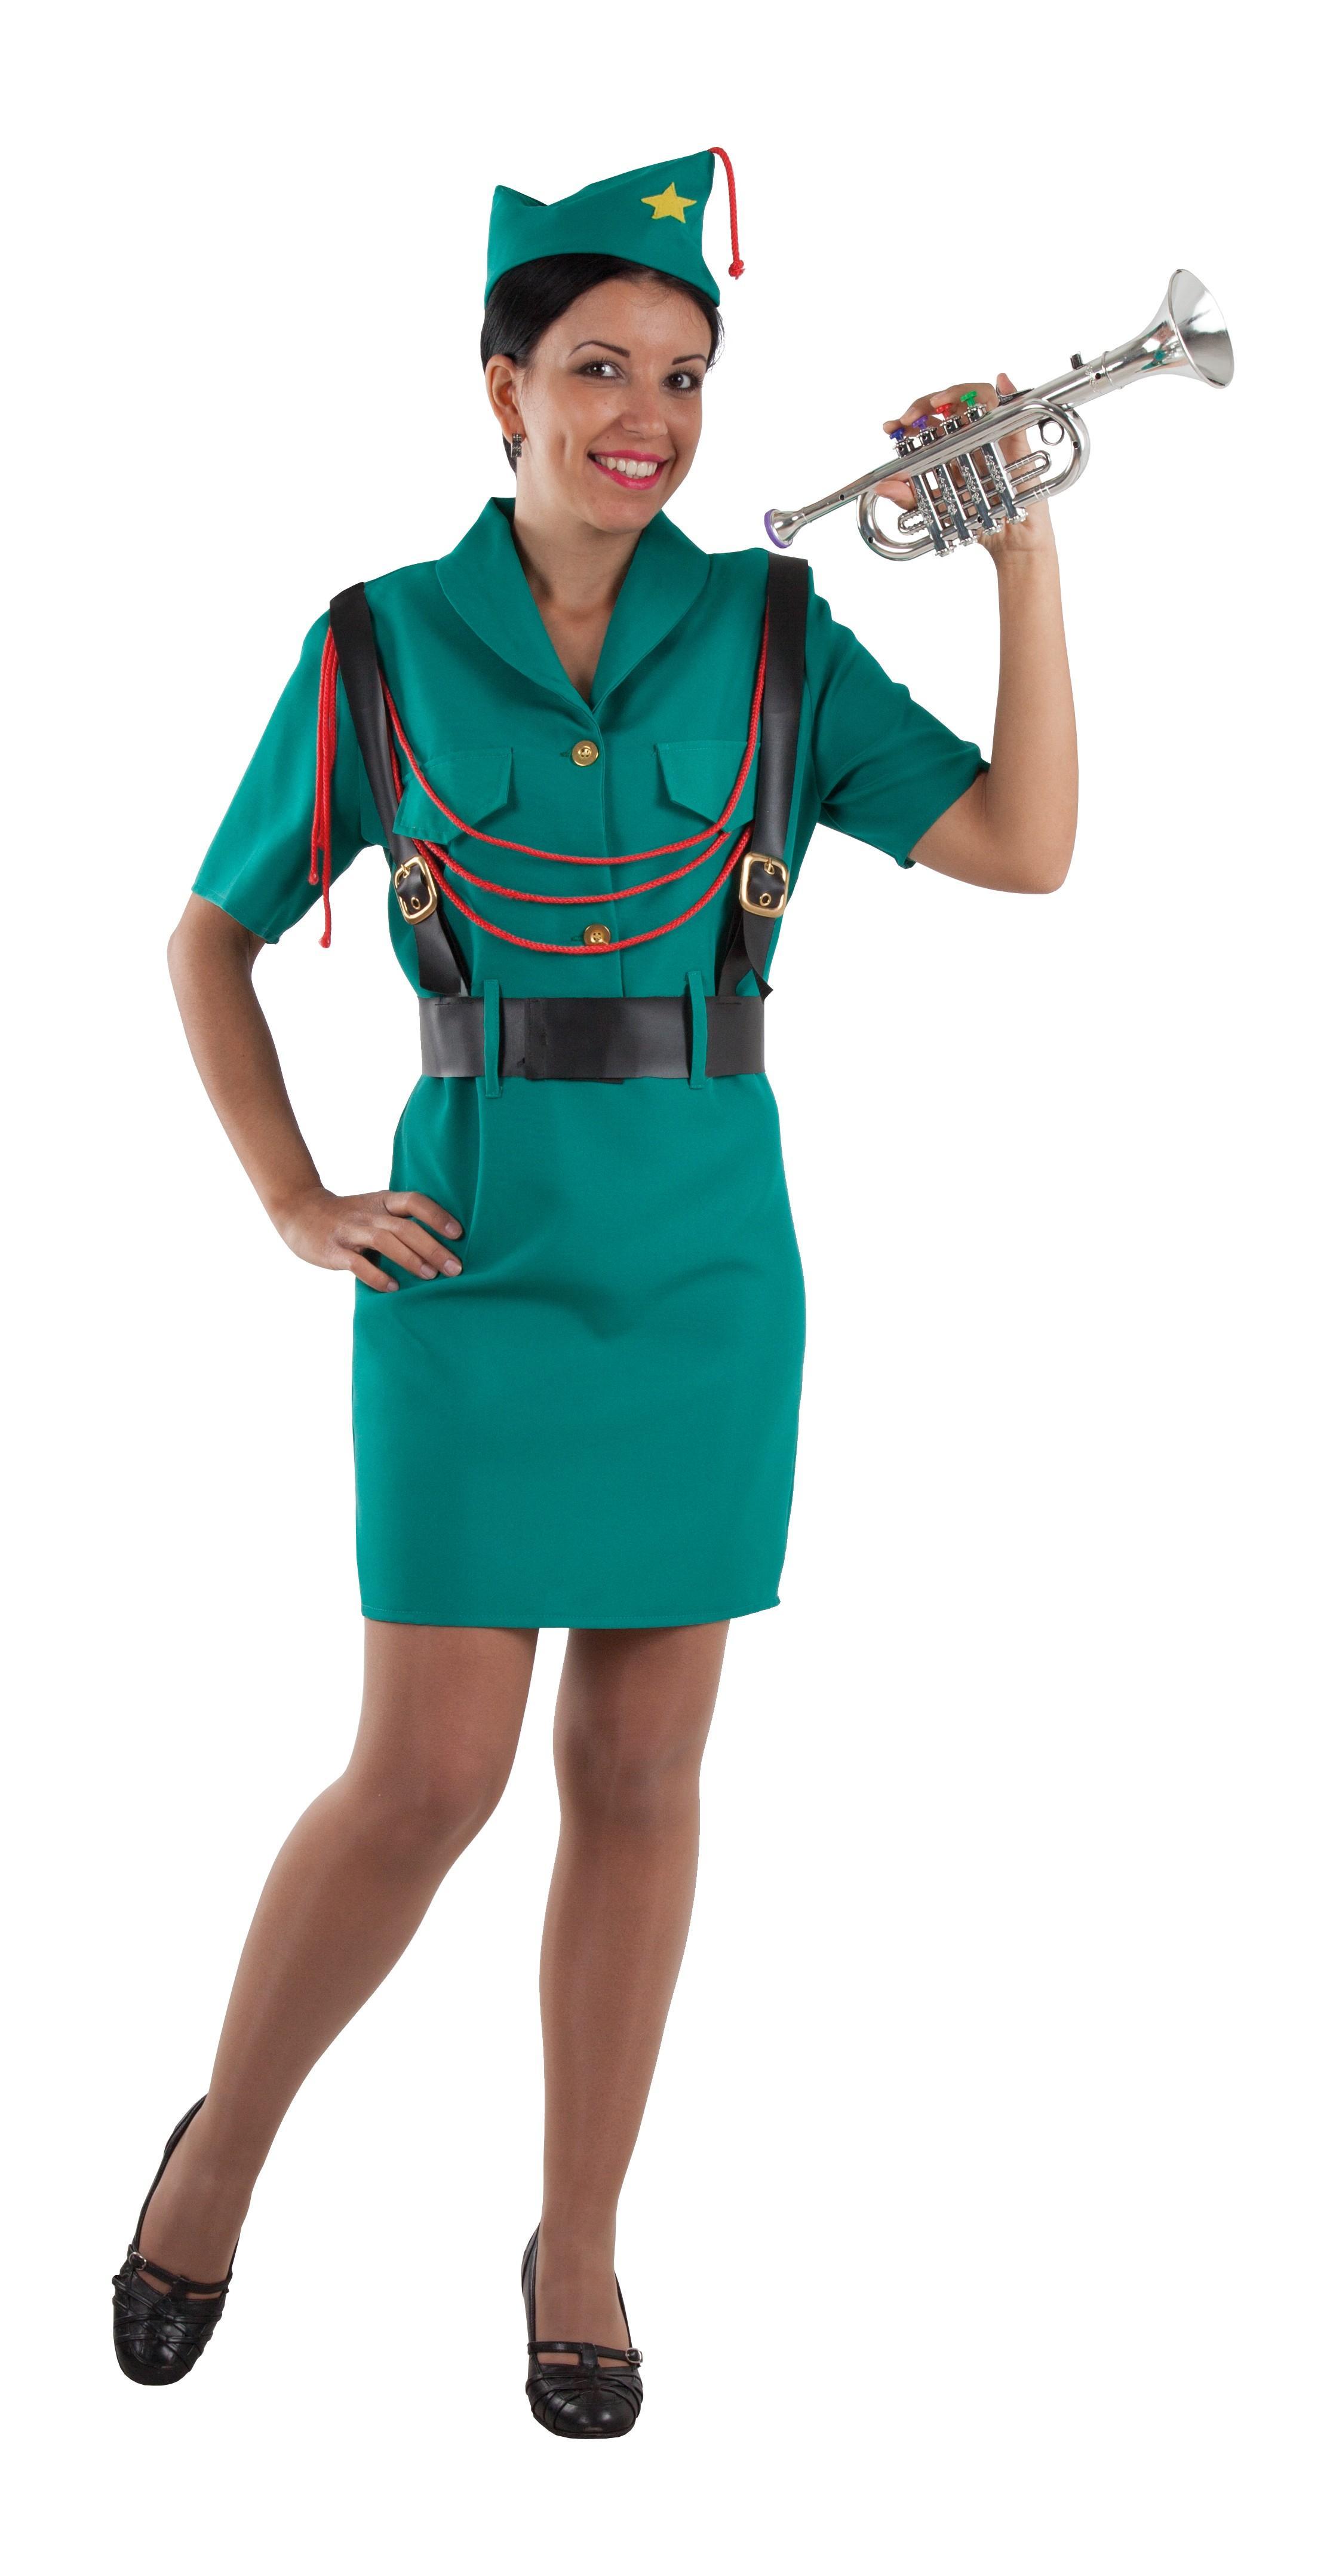 Disfraz de Legionaria Mujer - Casa del disfraz®